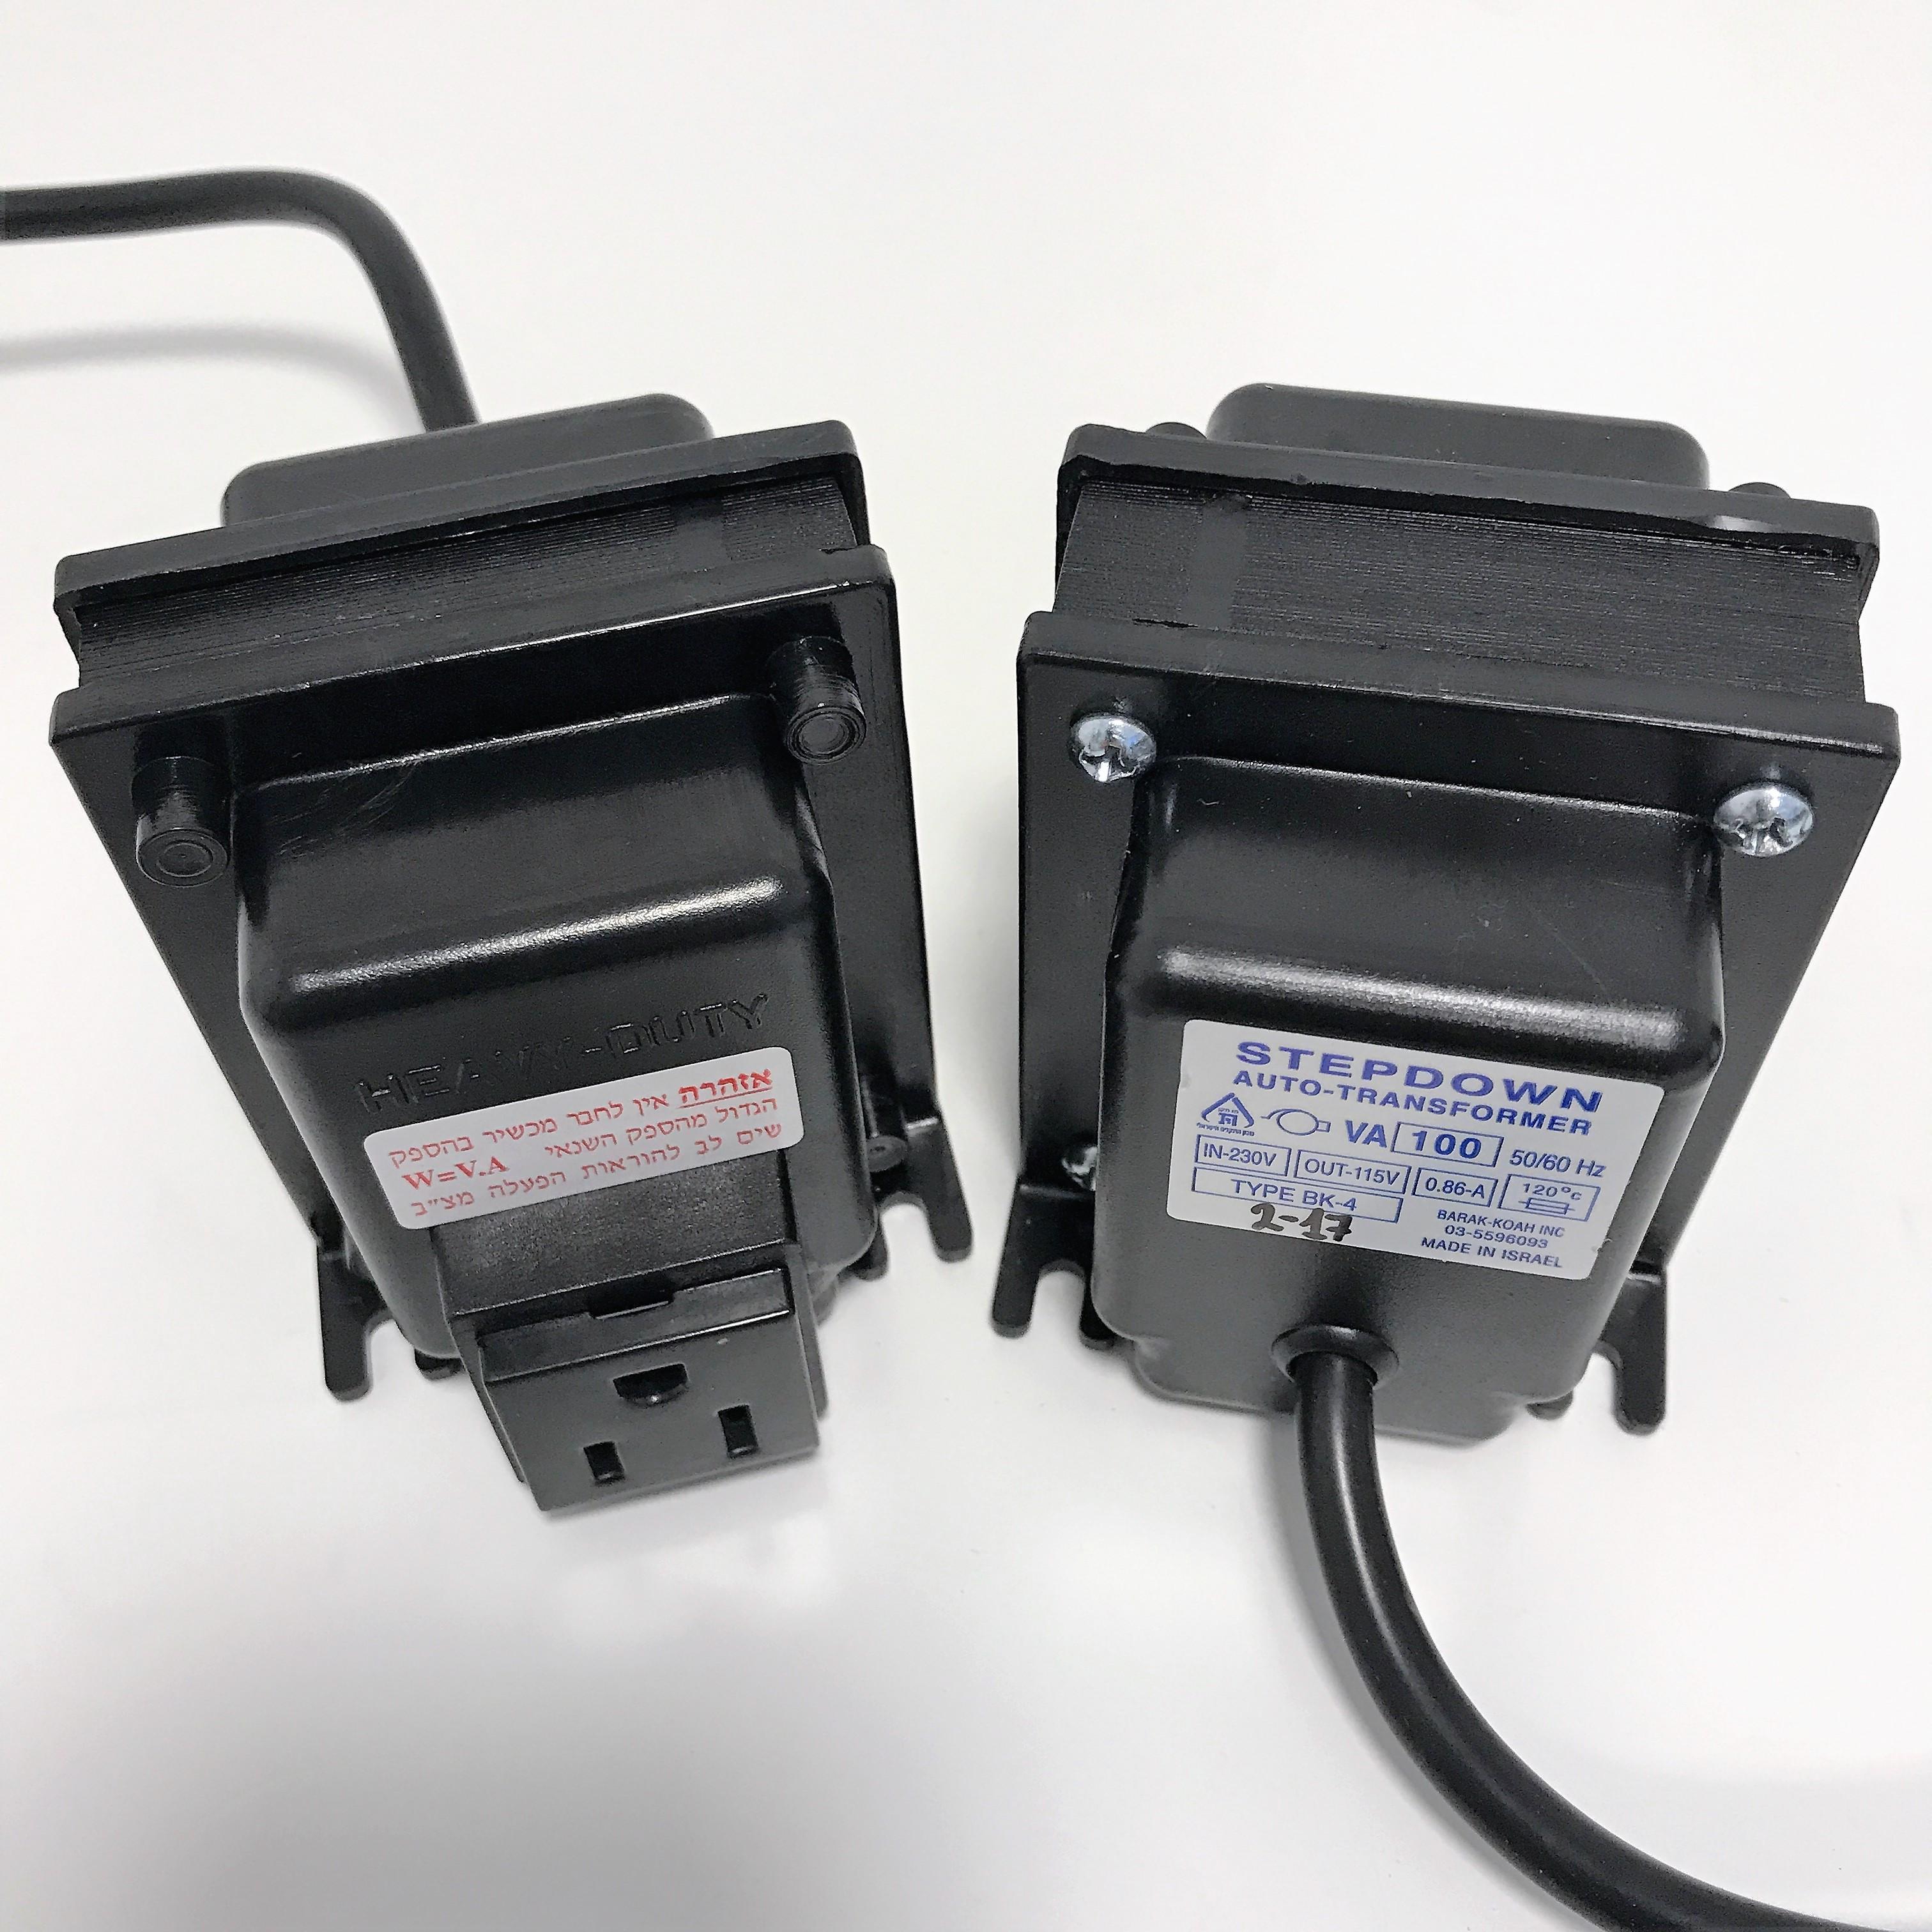 שנאי אוטוטרפו בהספק 500VA (למכשיר אמריקאי 115V)